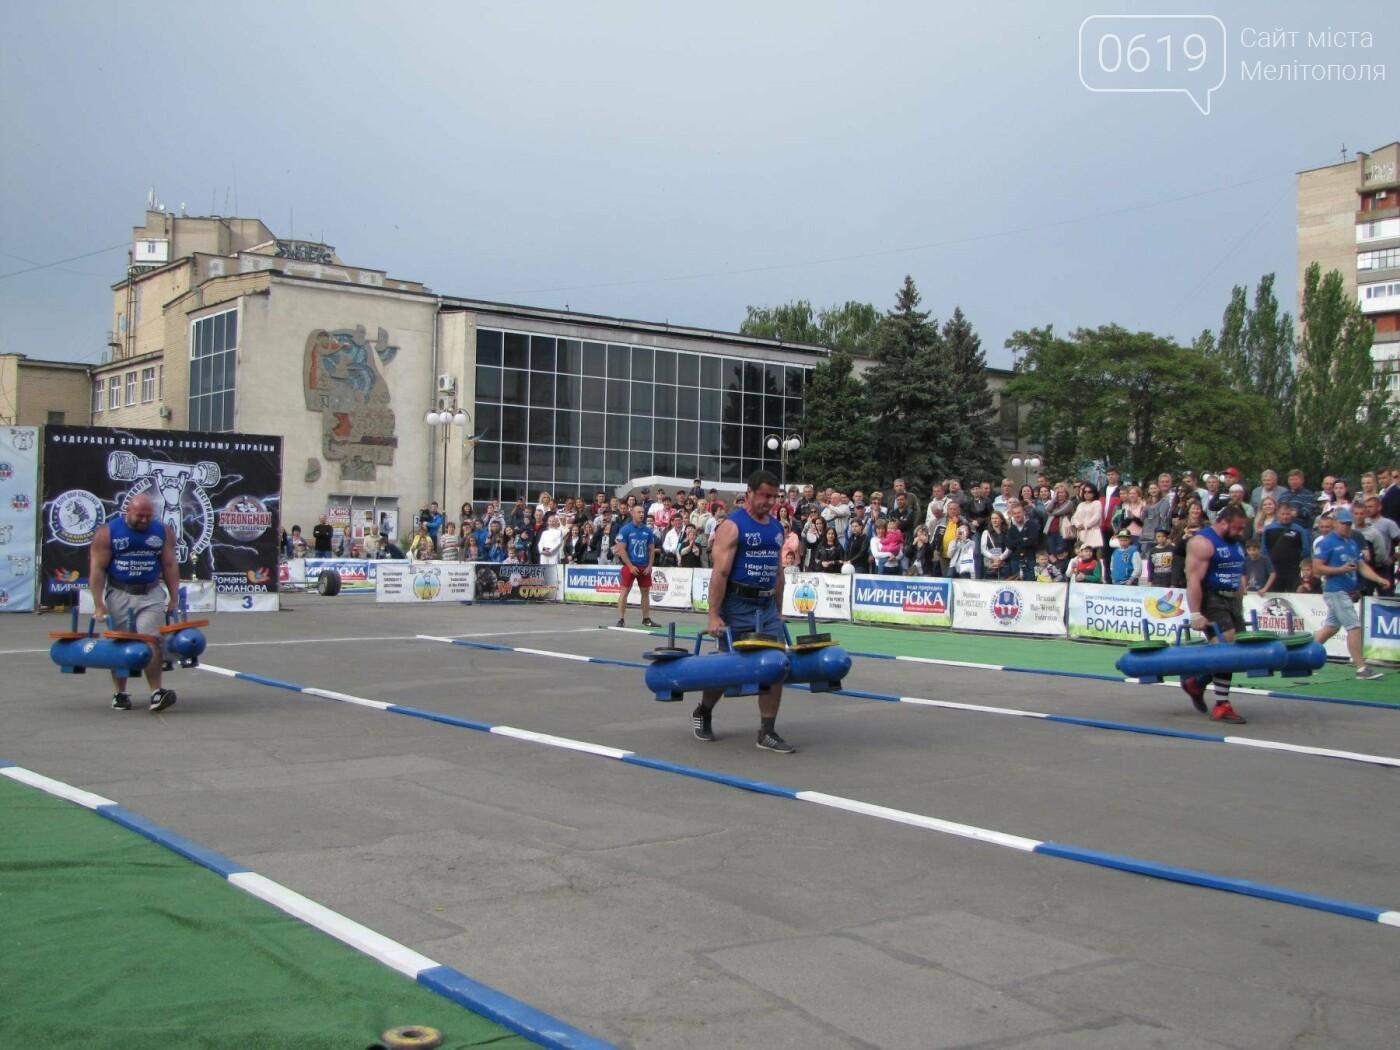 Три победы за неделю: мелитопольский богатырь выиграл второй этап международного чемпионата, фото-49